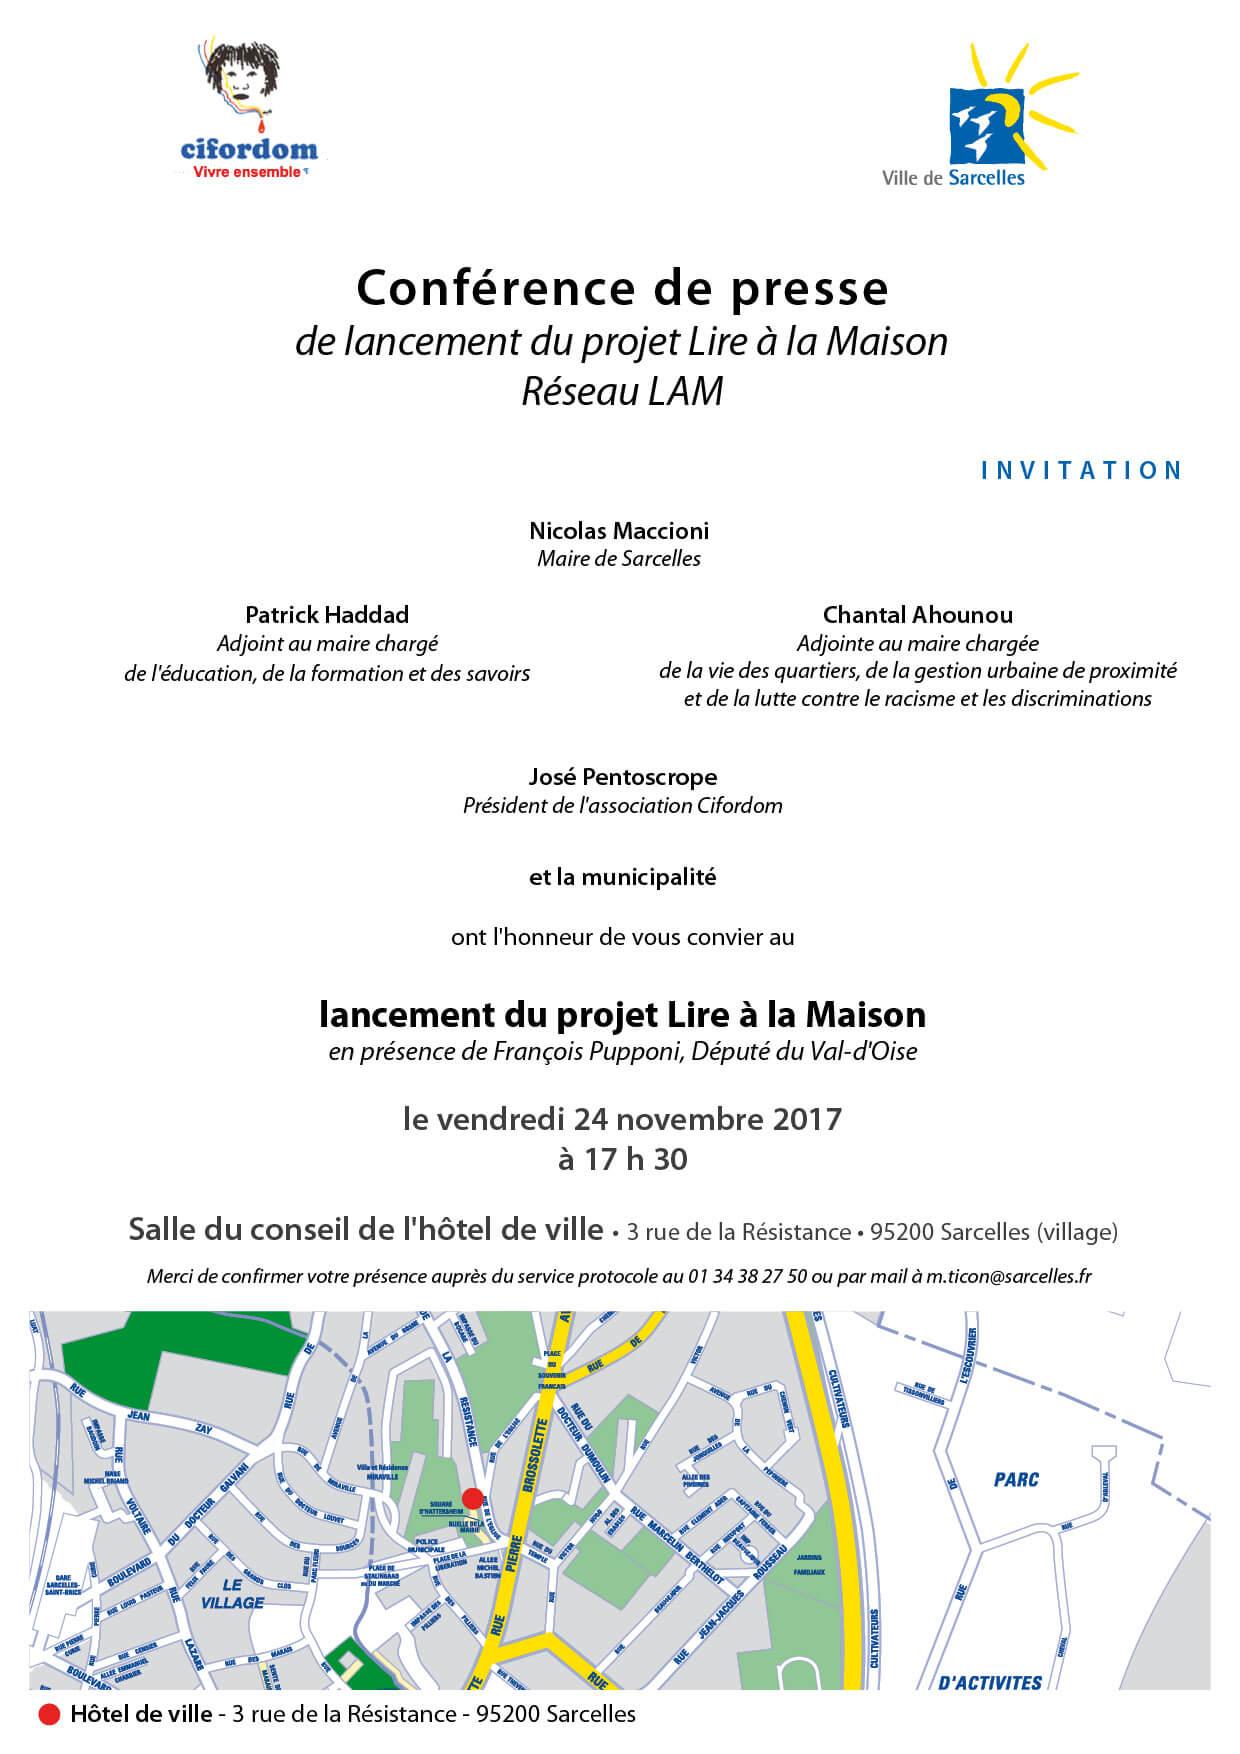 Invitation Conférence de presse réseau LAM